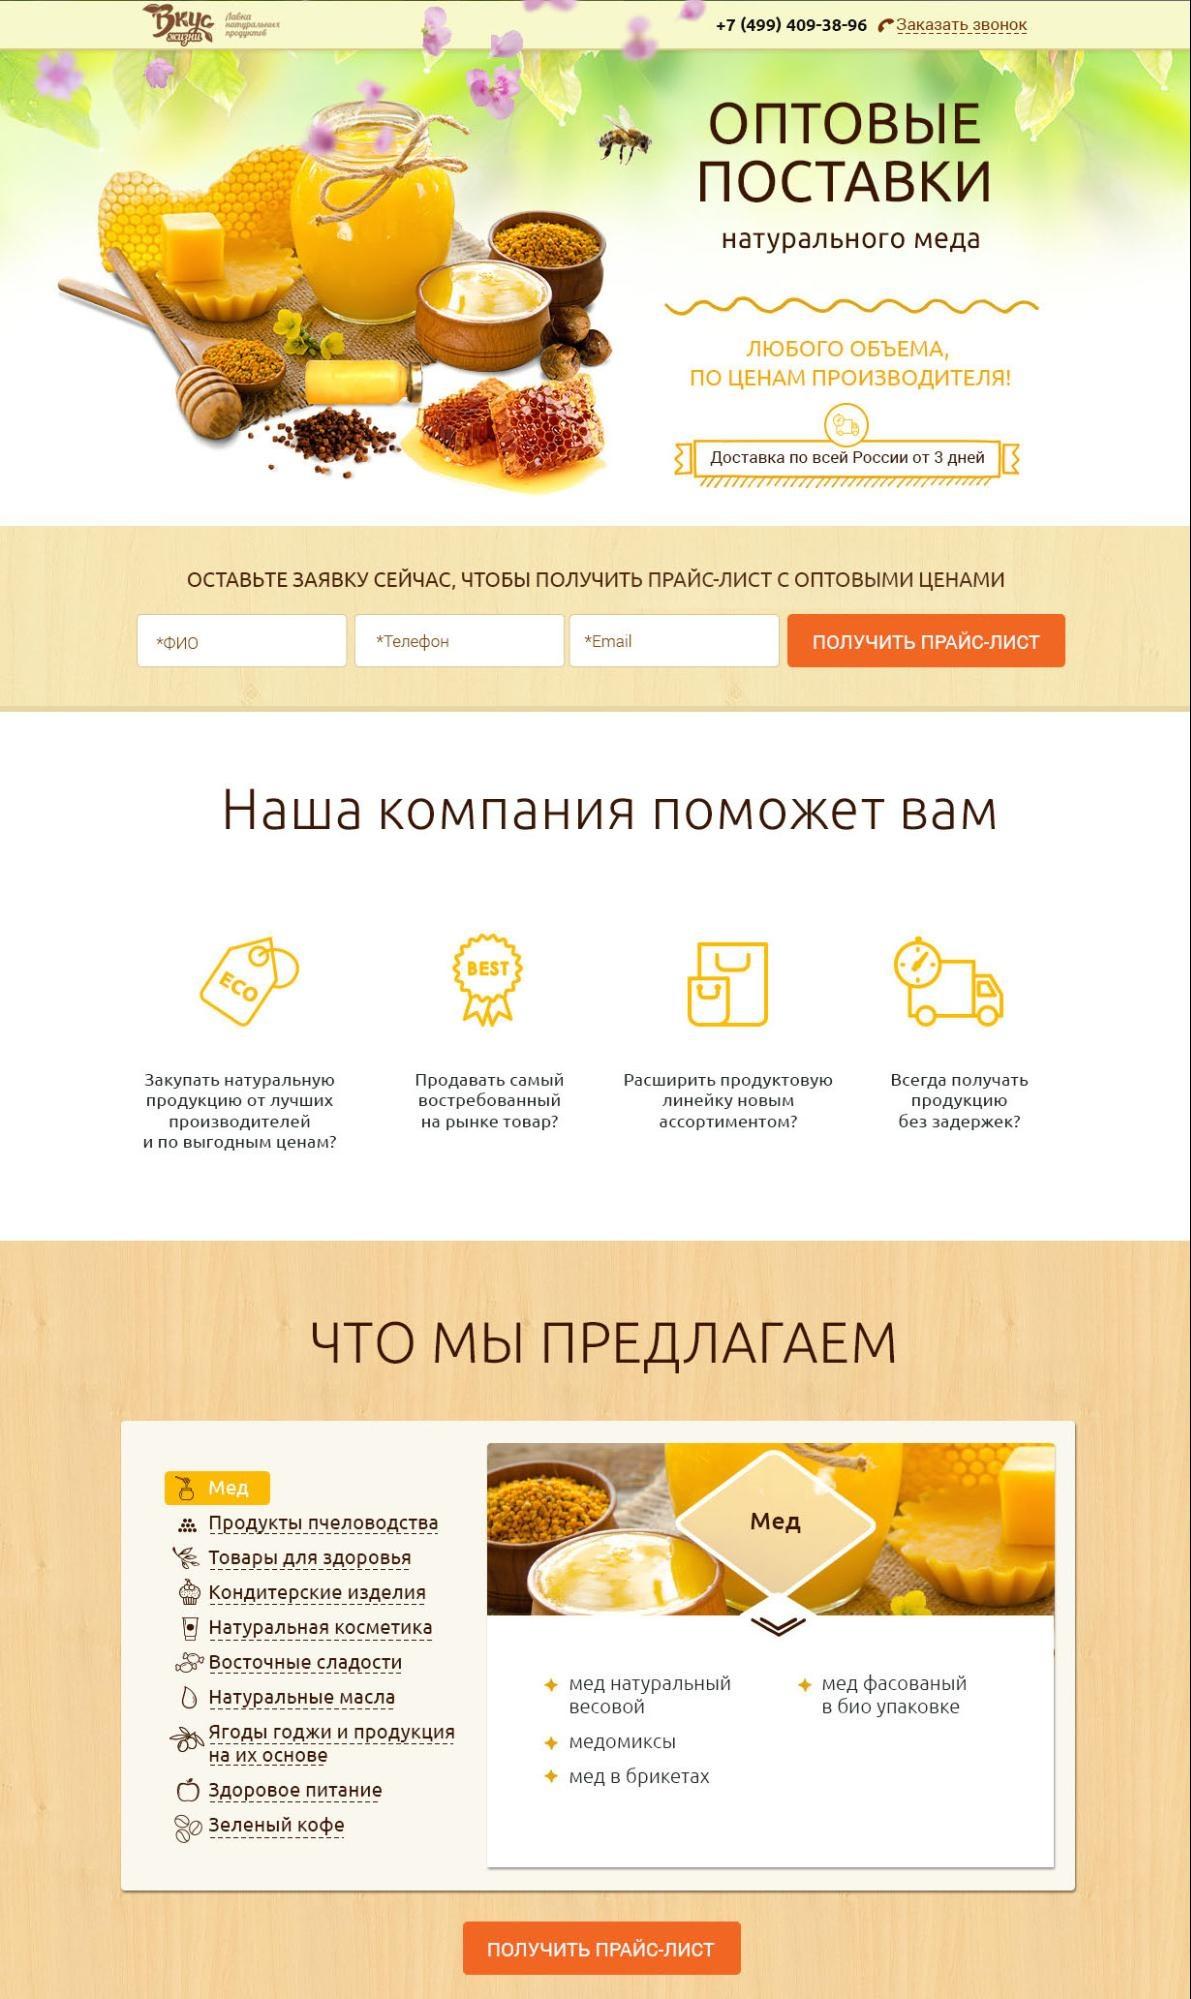 поставки натурального меда